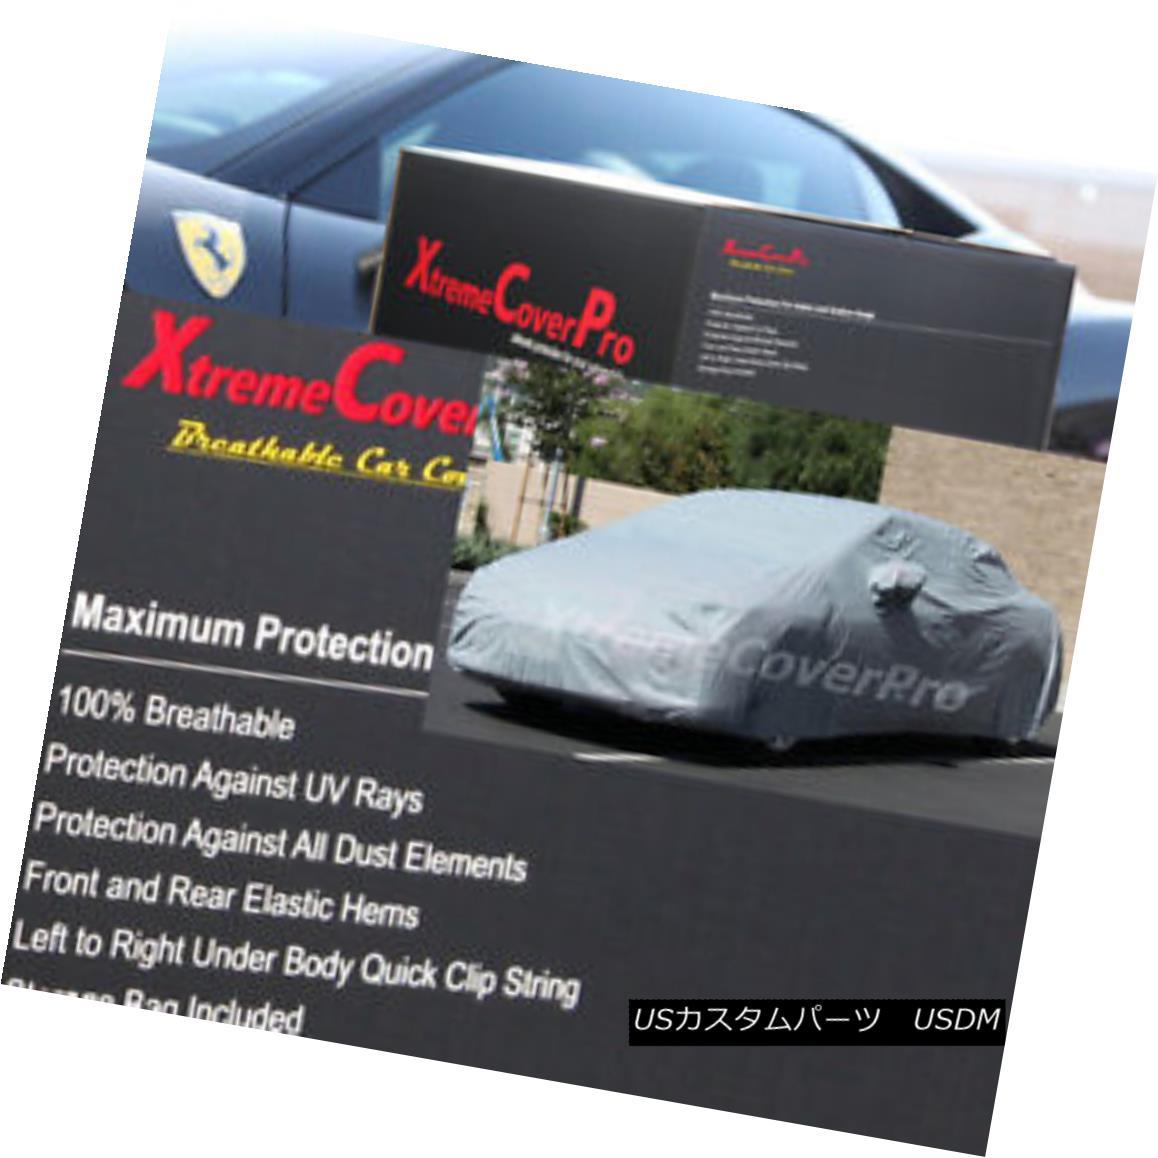 カーカバー 2003 2004 2005 Mercedes CLK320 CLK430 CLK500 Breathable Car Cover w/MirrorPocket 2003 2004 2005 Mercedes CLK320 CLK430 CLK500通気性車カバー付きMirrorPocket